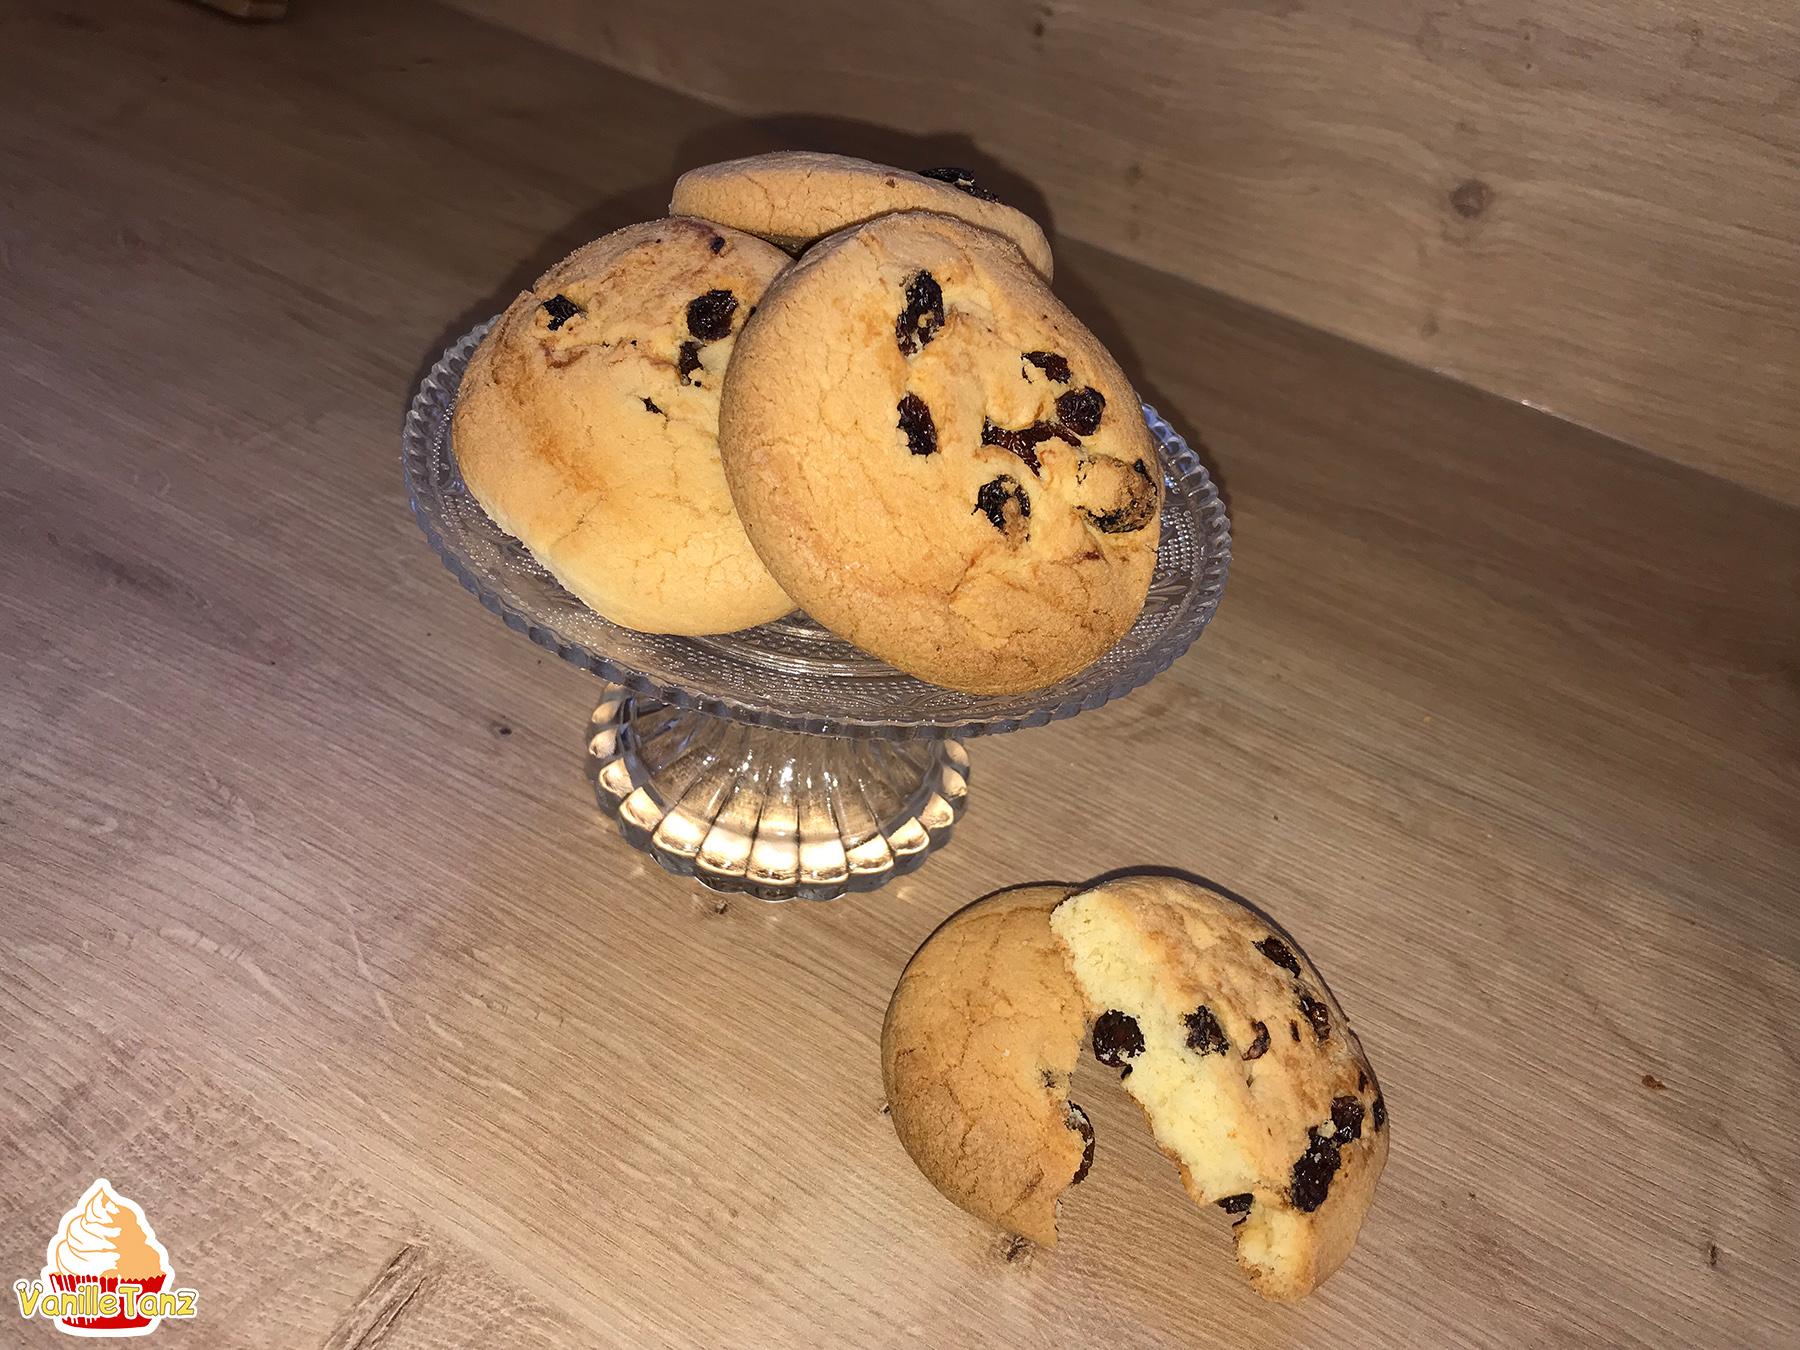 Drei runde Kekse mit Rosinen auf einer Glasetagere. Daneben liegt ein geteilter runder Keks mit Rosinen.